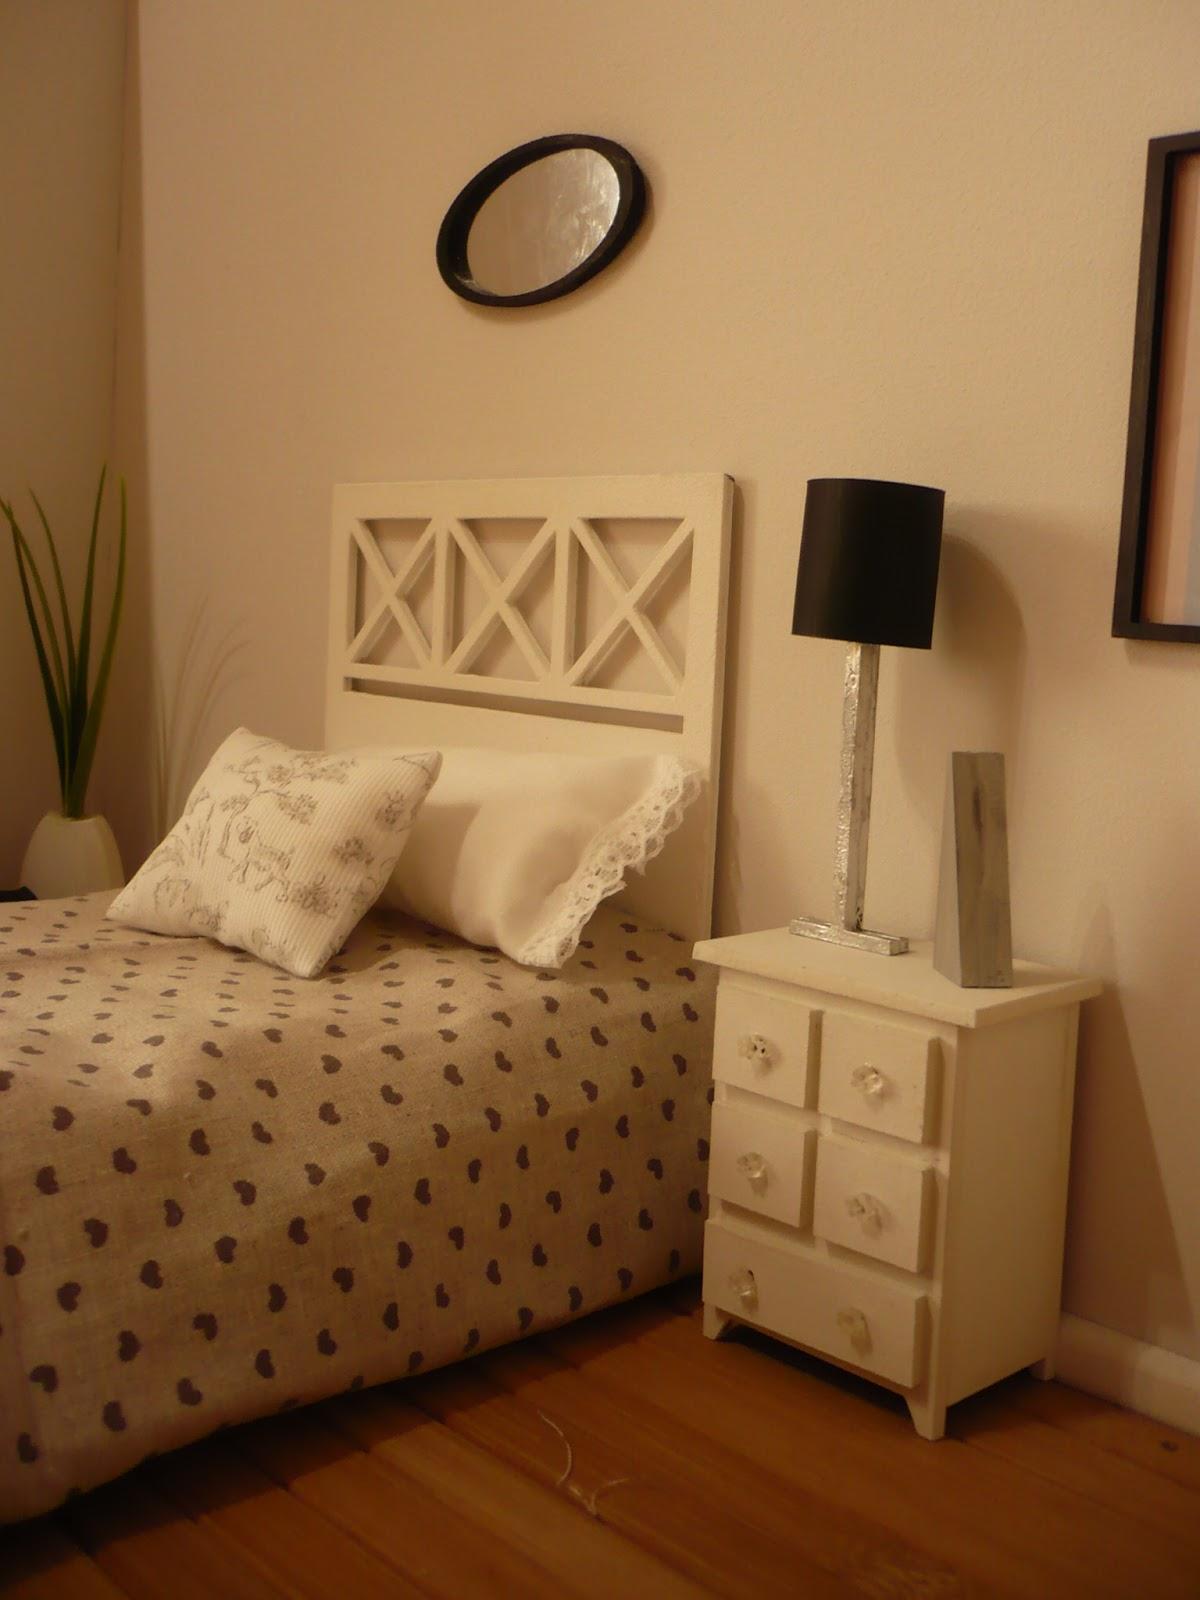 Muebles y complementos en escala 1 6 new furniture in 1 - Muebles y complementos ...